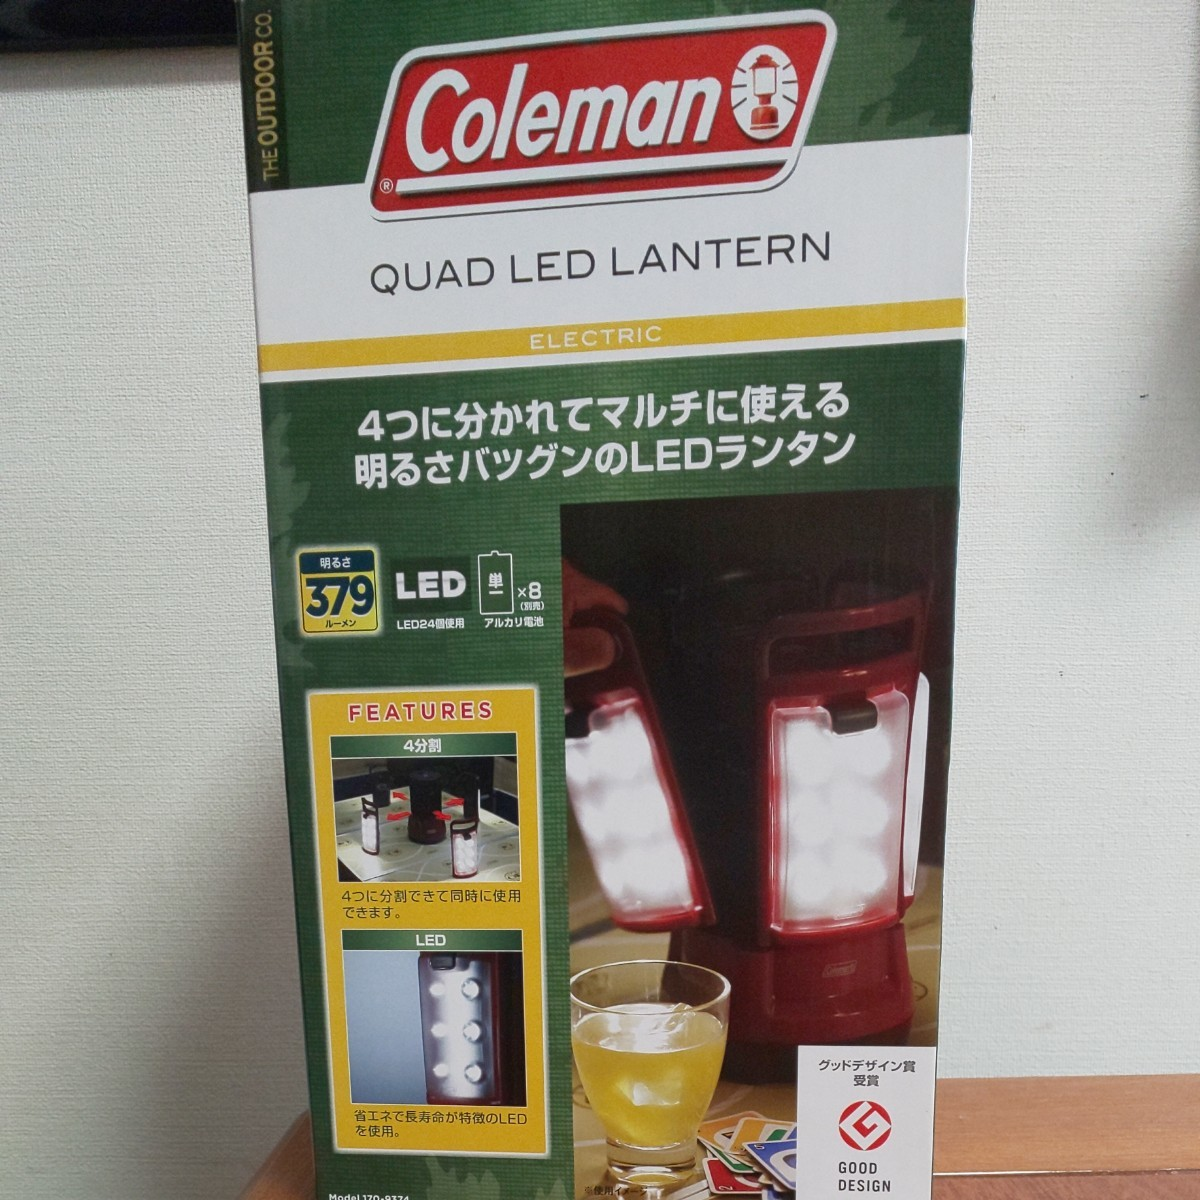 コールマン Coleman クアッド LEDランタン